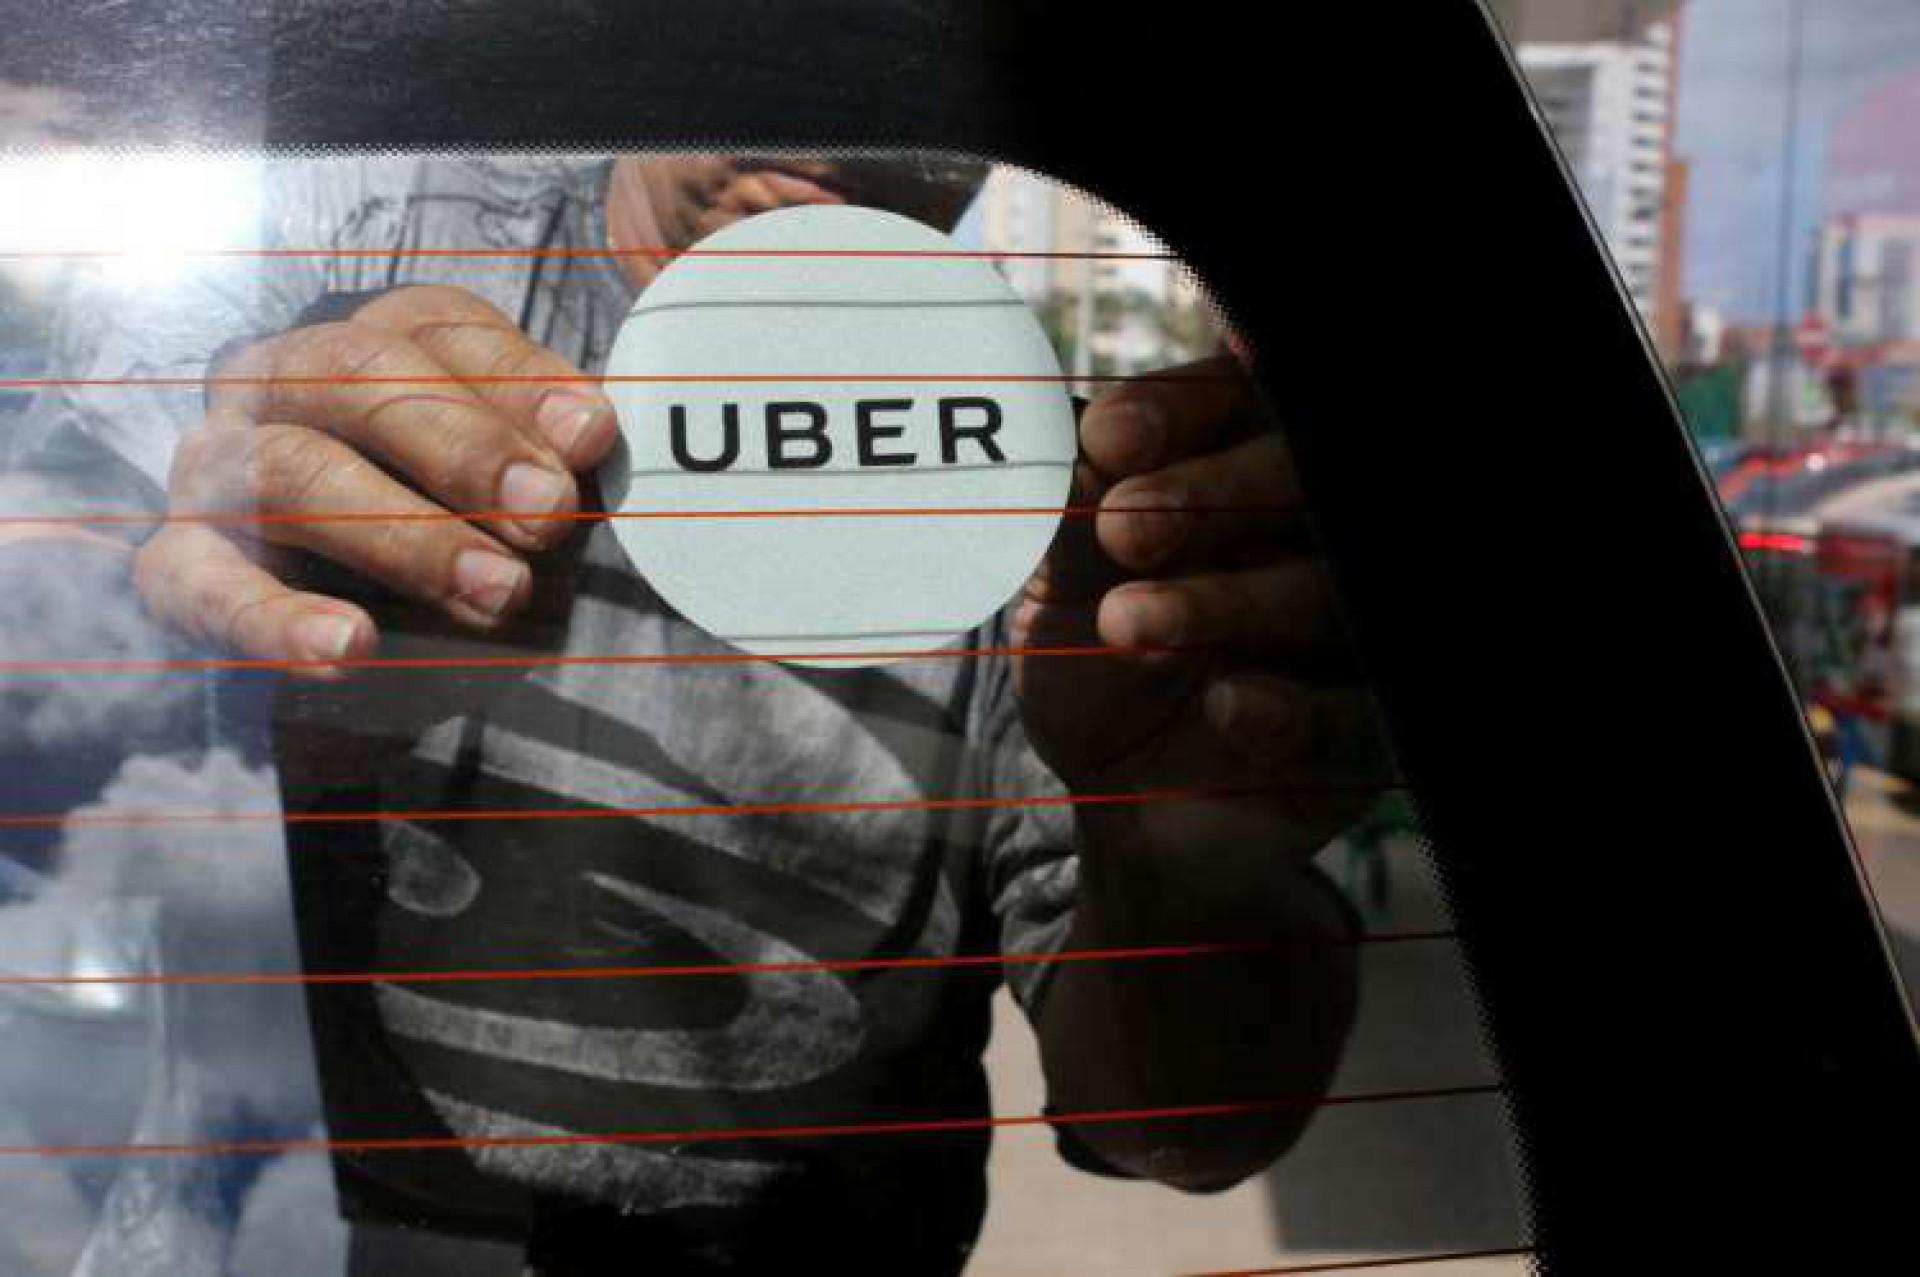 Para a Uber, a decisão representa um entendimento isolado e contrário ao de outros casos já julgados  (Foto: Fábio Lima)